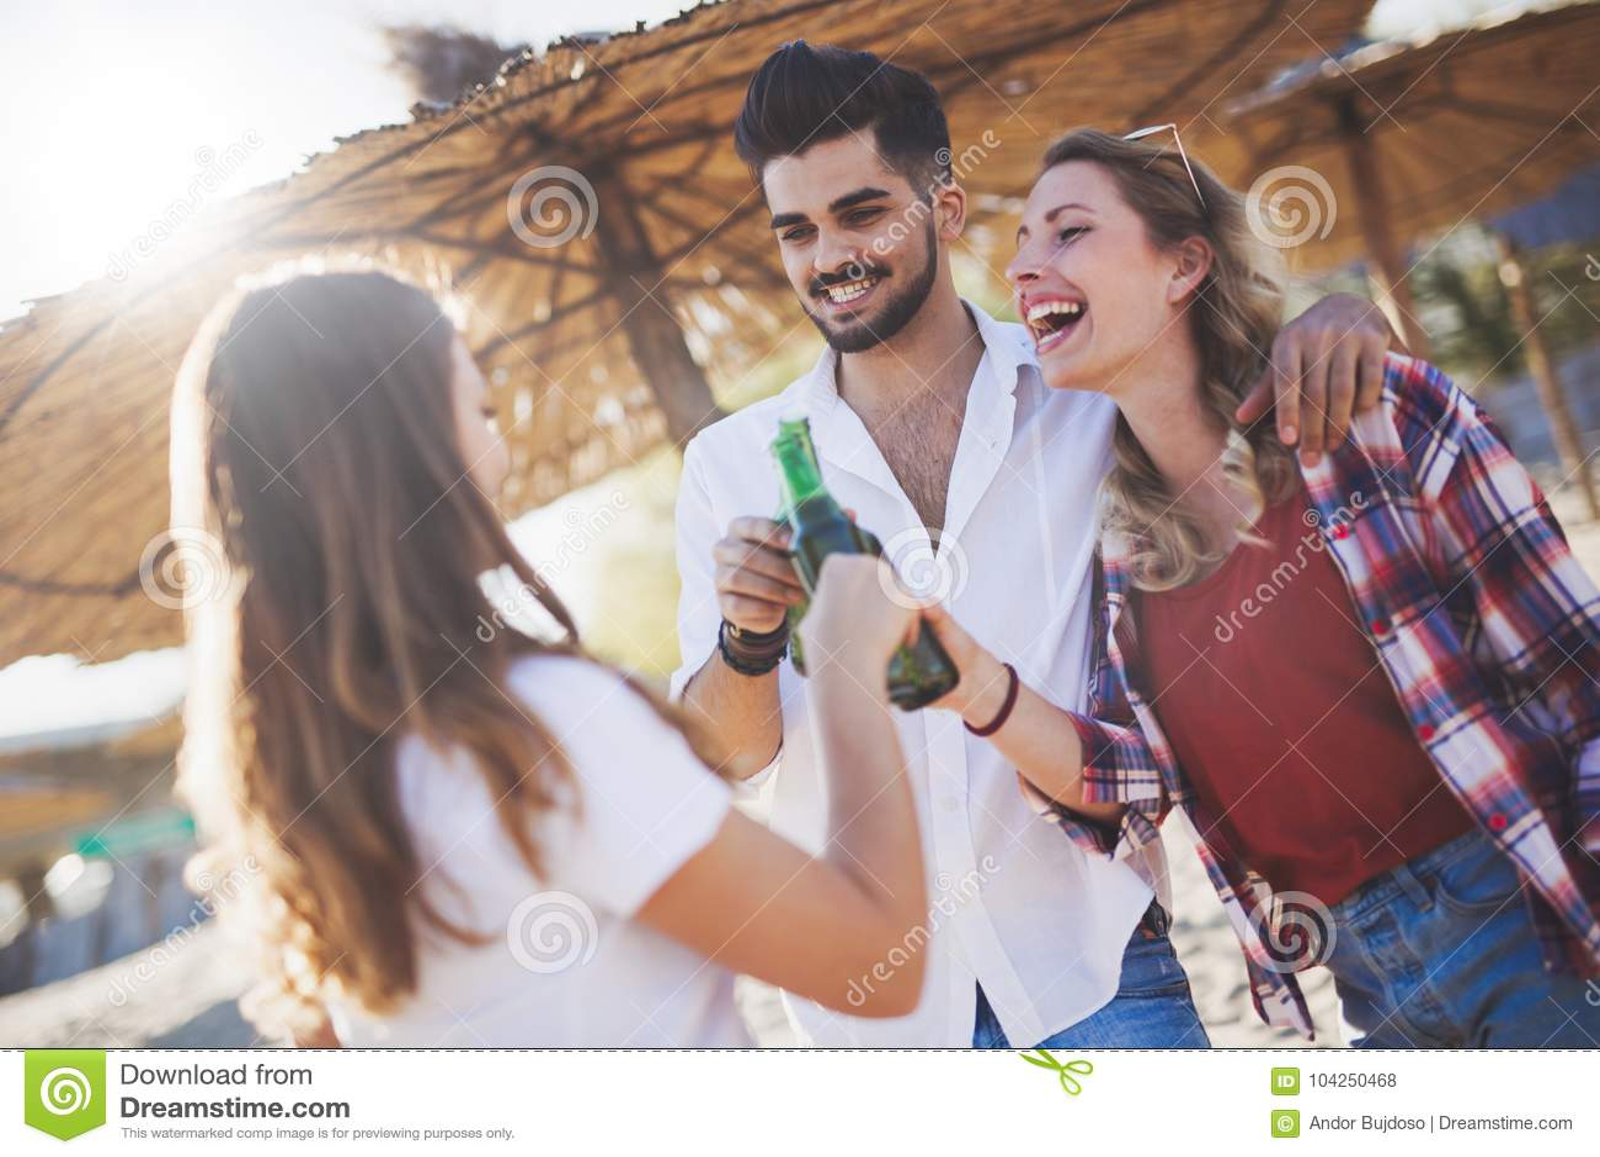 Groep gelukkige jongeren die de zomer van vakantie genieten